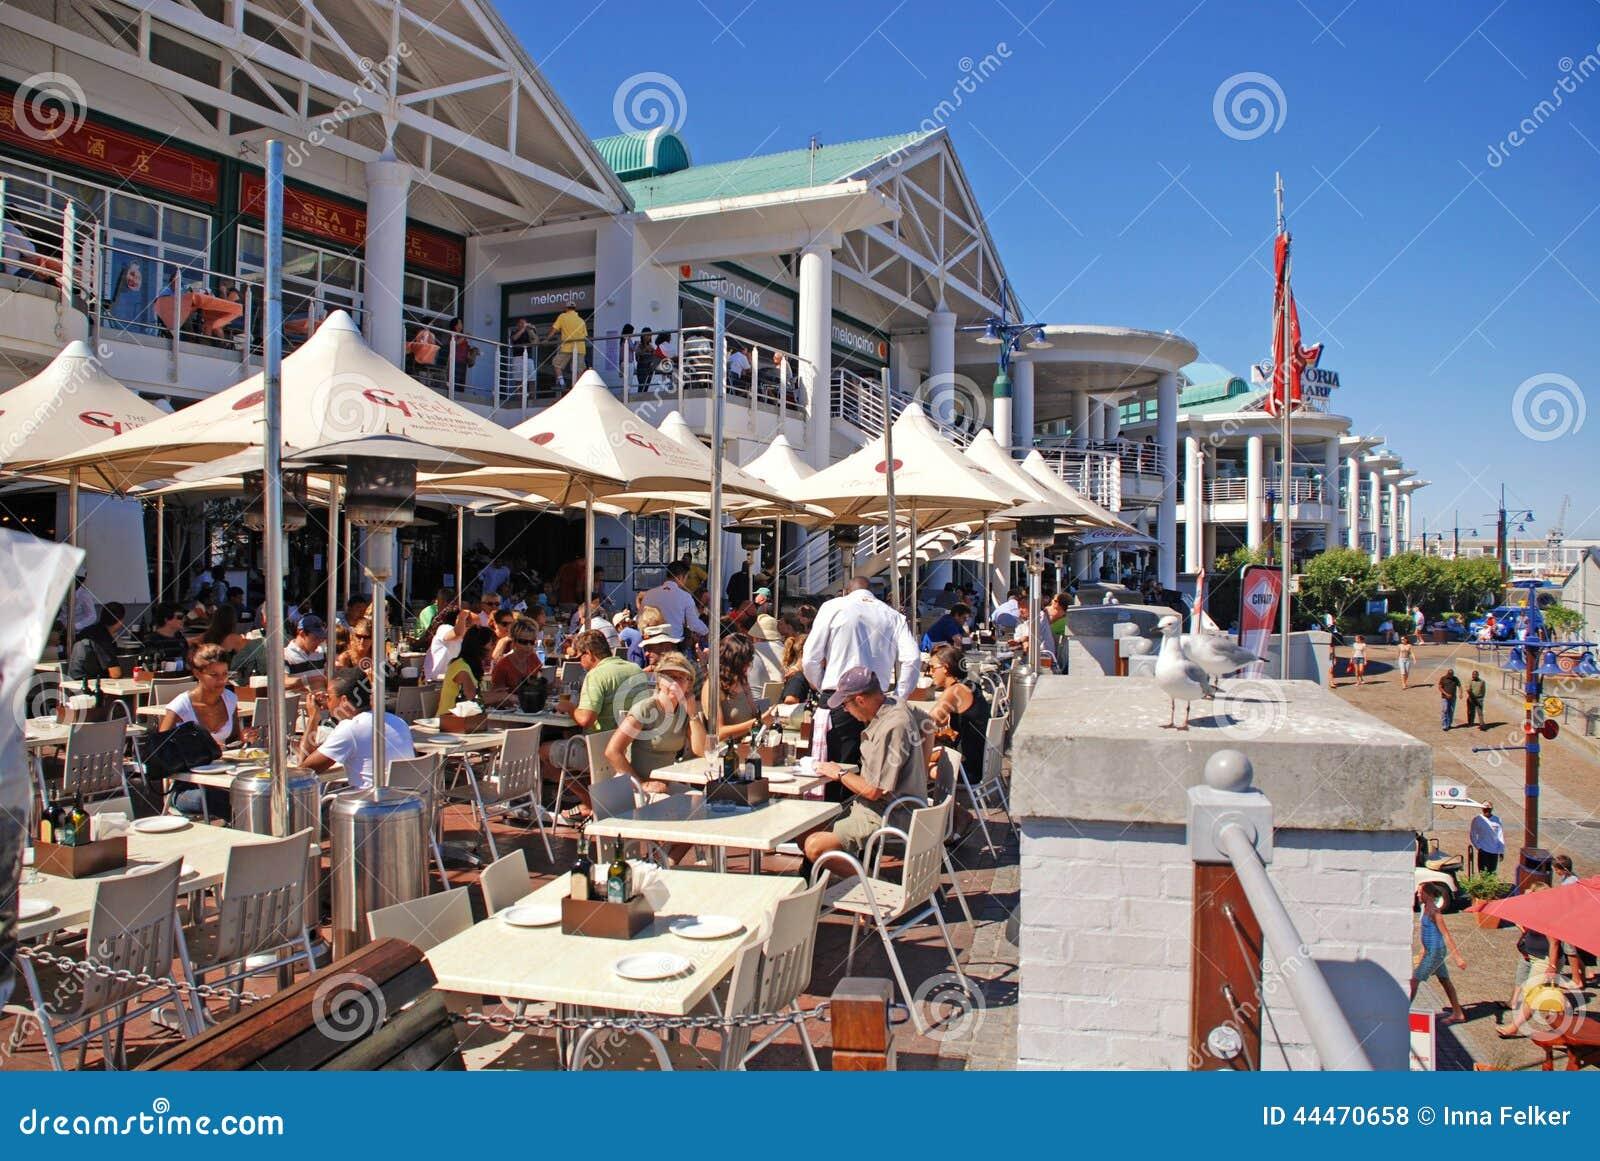 victoria und albert waterfront cape town s dafrika redaktionelles stockfoto bild von geb ude. Black Bedroom Furniture Sets. Home Design Ideas